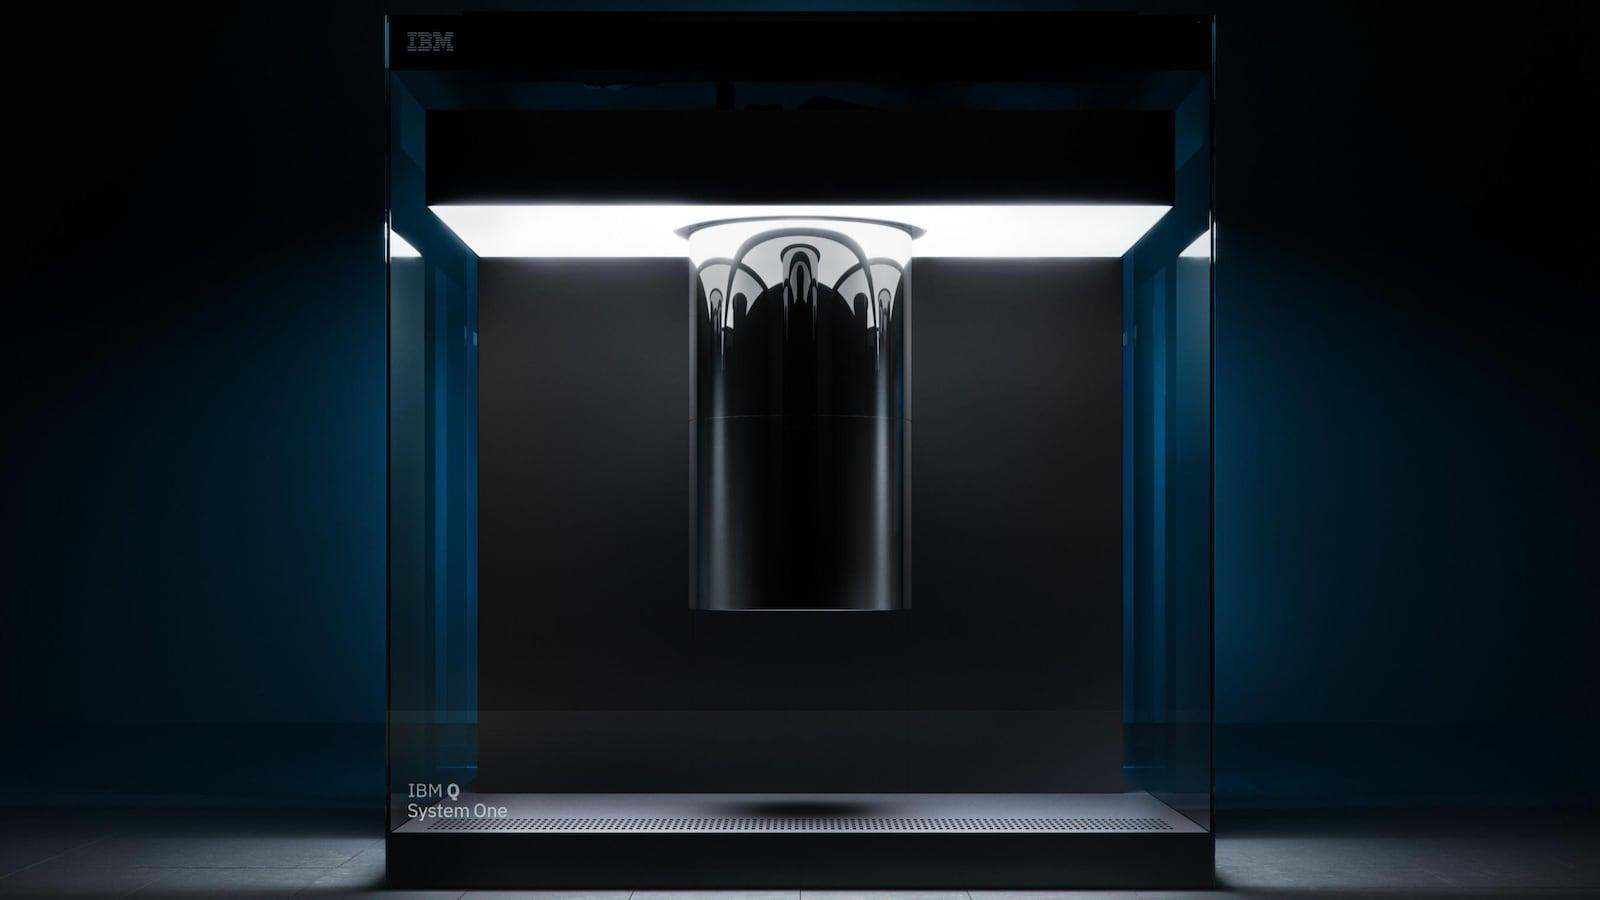 Une photo montrant l'ordinateur quantique Q System One d'IBM, un grand cube de verre contenant un cylindre chromé suspendu.